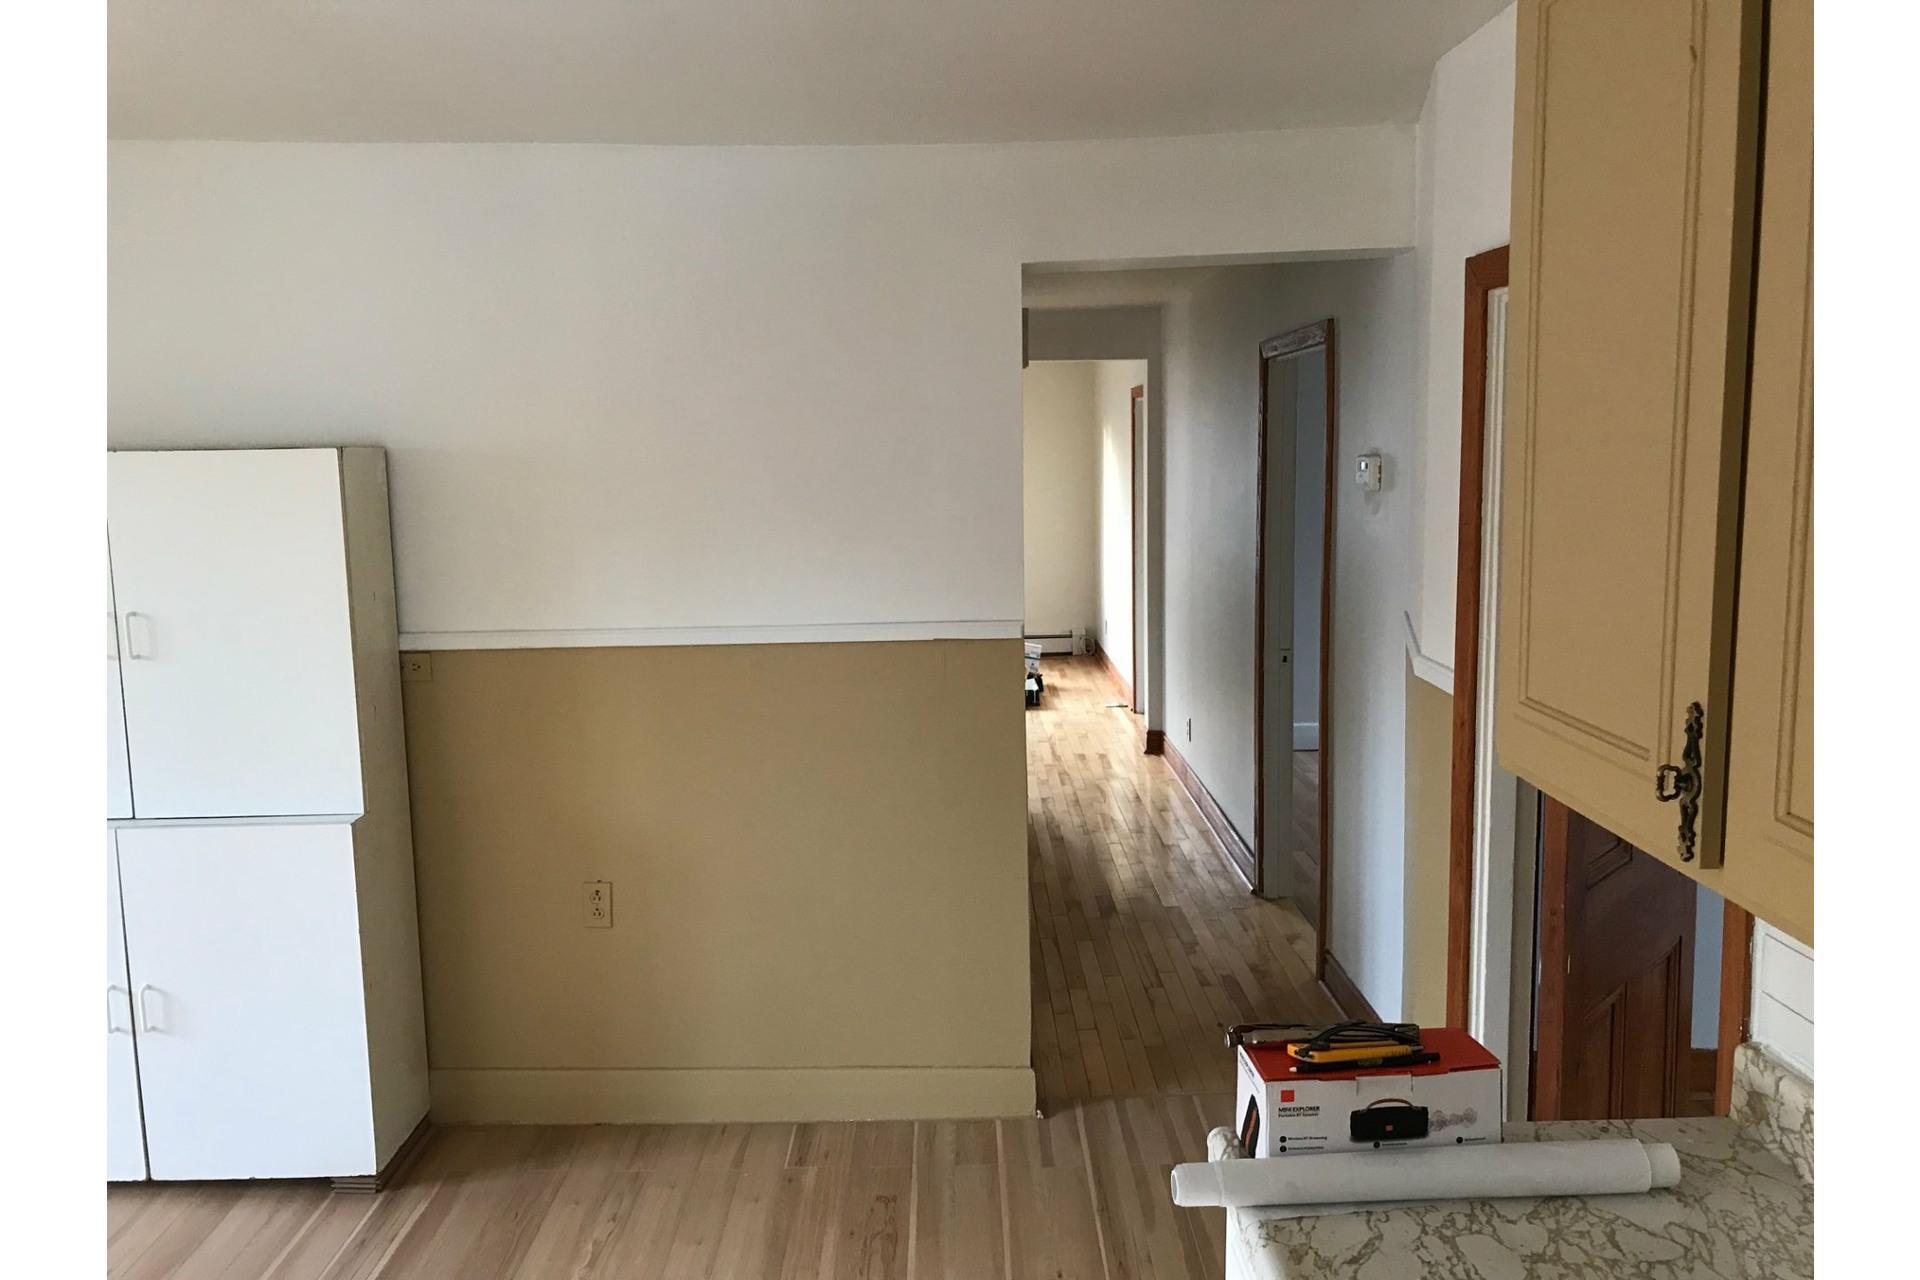 image 8 - Duplex For sale Joliette - 5 rooms